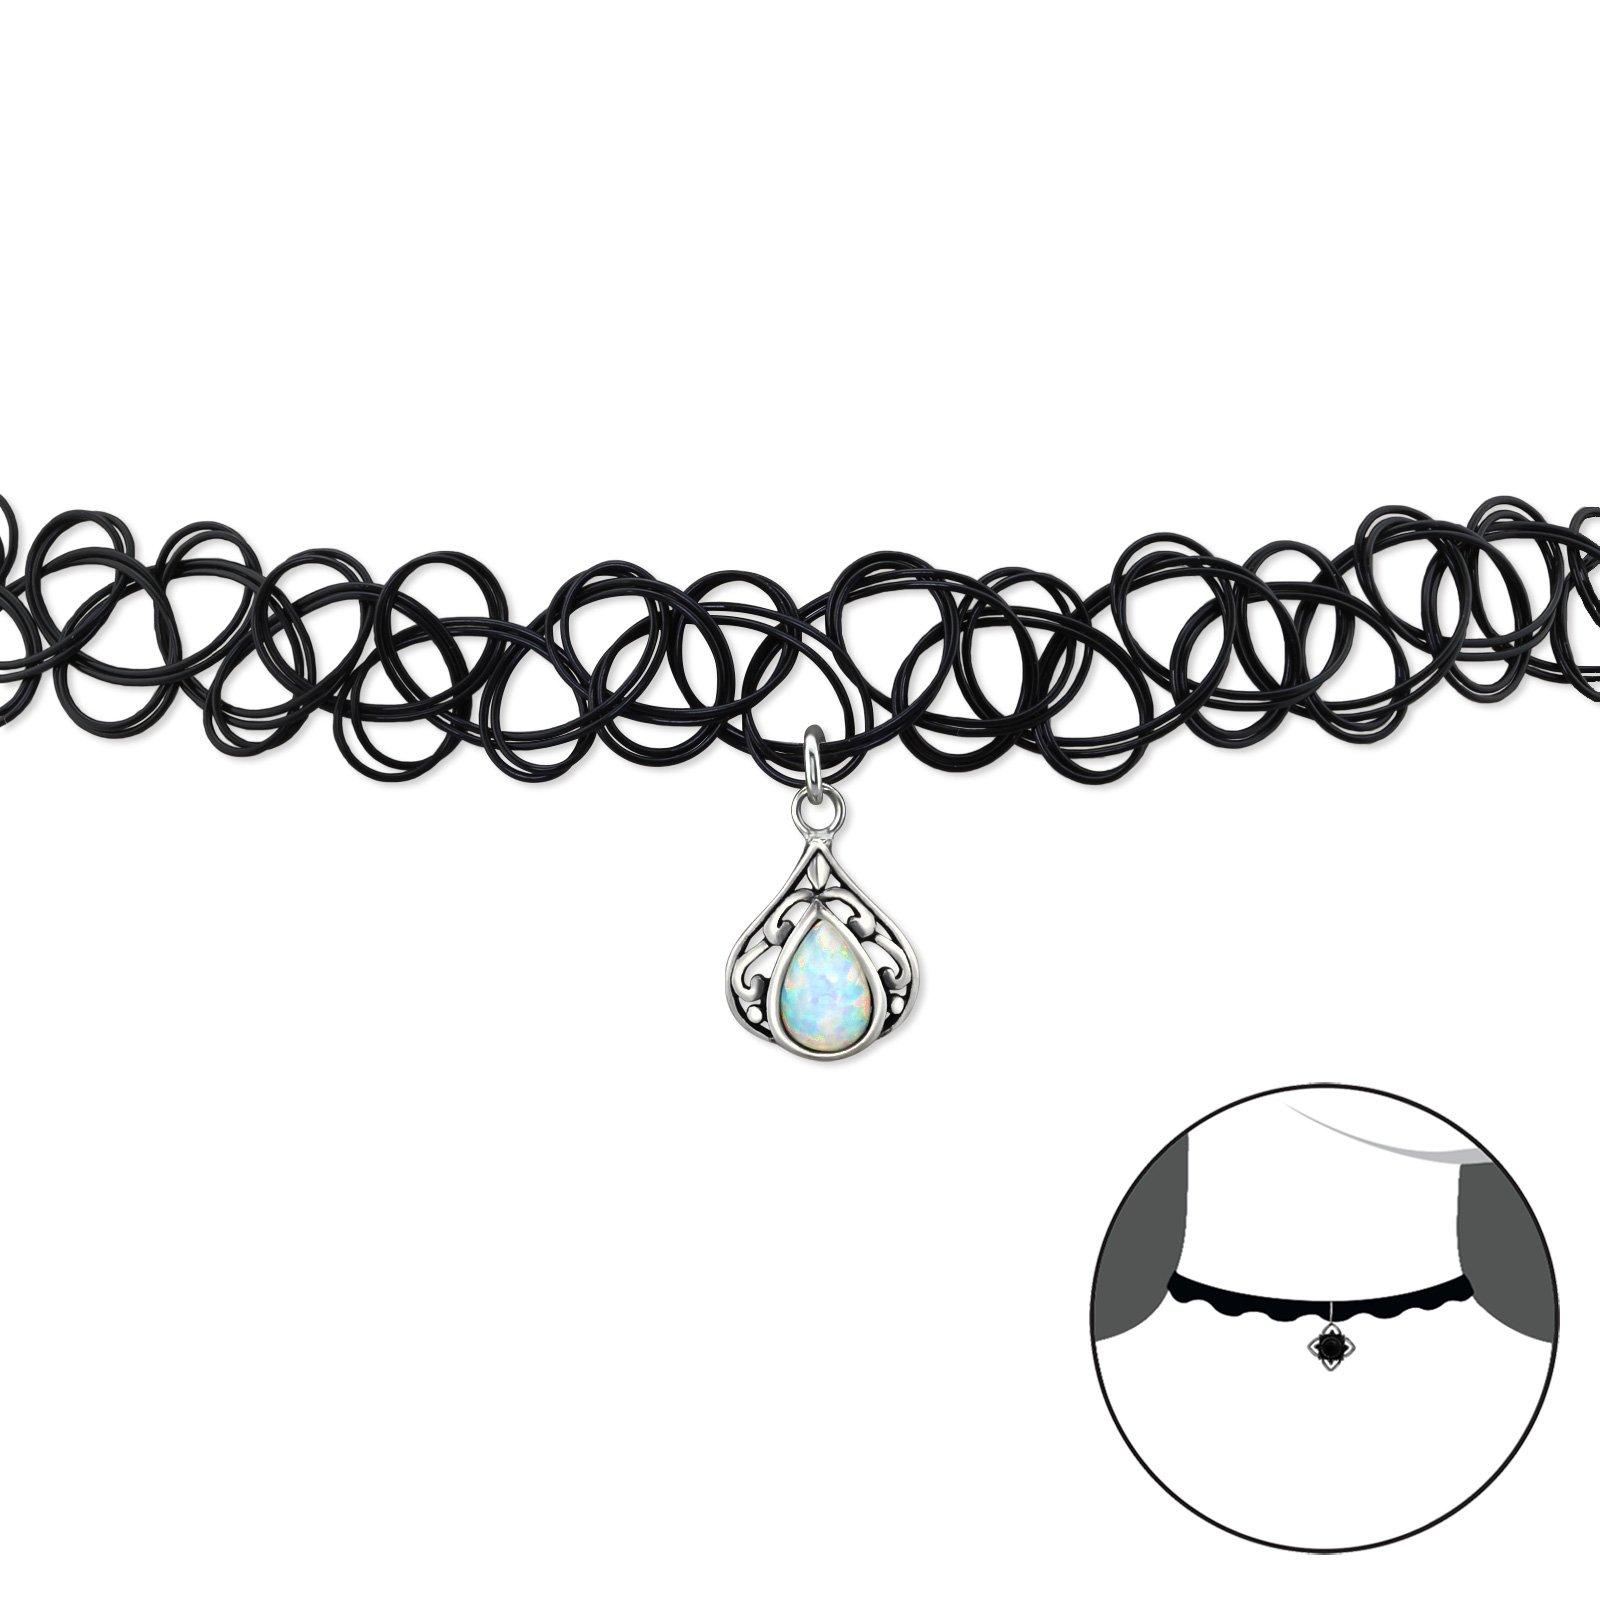 Atik Jewelry Silver Teardrop Choker with Opal - Fire Snow